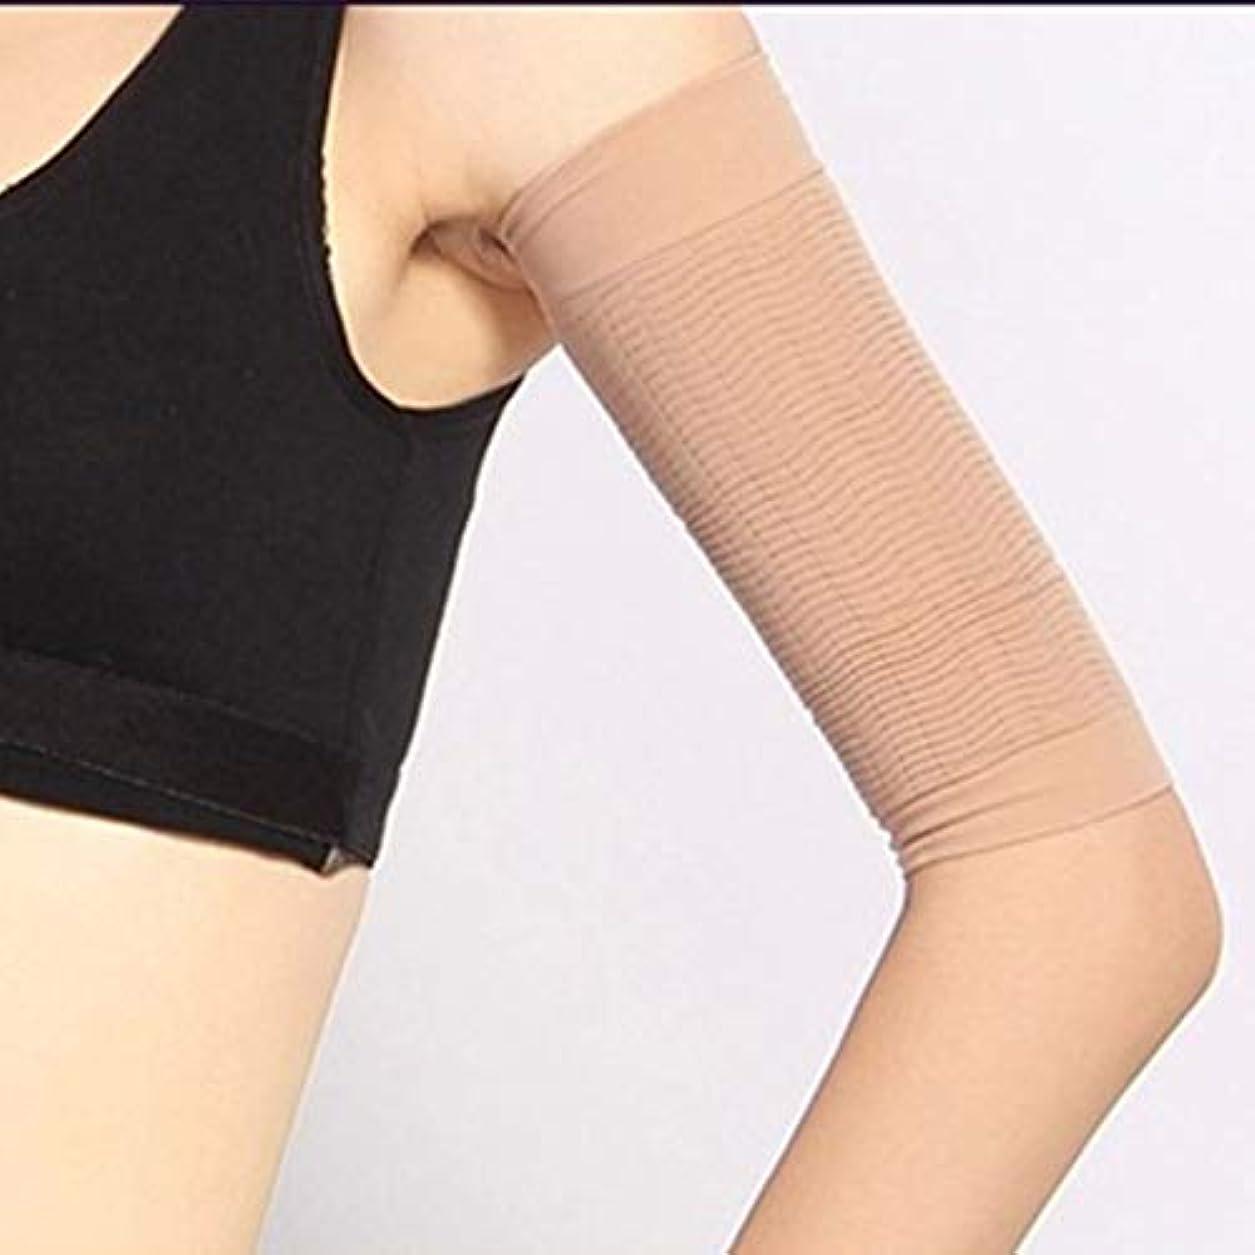 傷つけるミキサー無1ペア420 D圧縮痩身アームスリーブワークアウトトーニングバーンセルライトシェイパー脂肪燃焼袖用女性 - 肌色